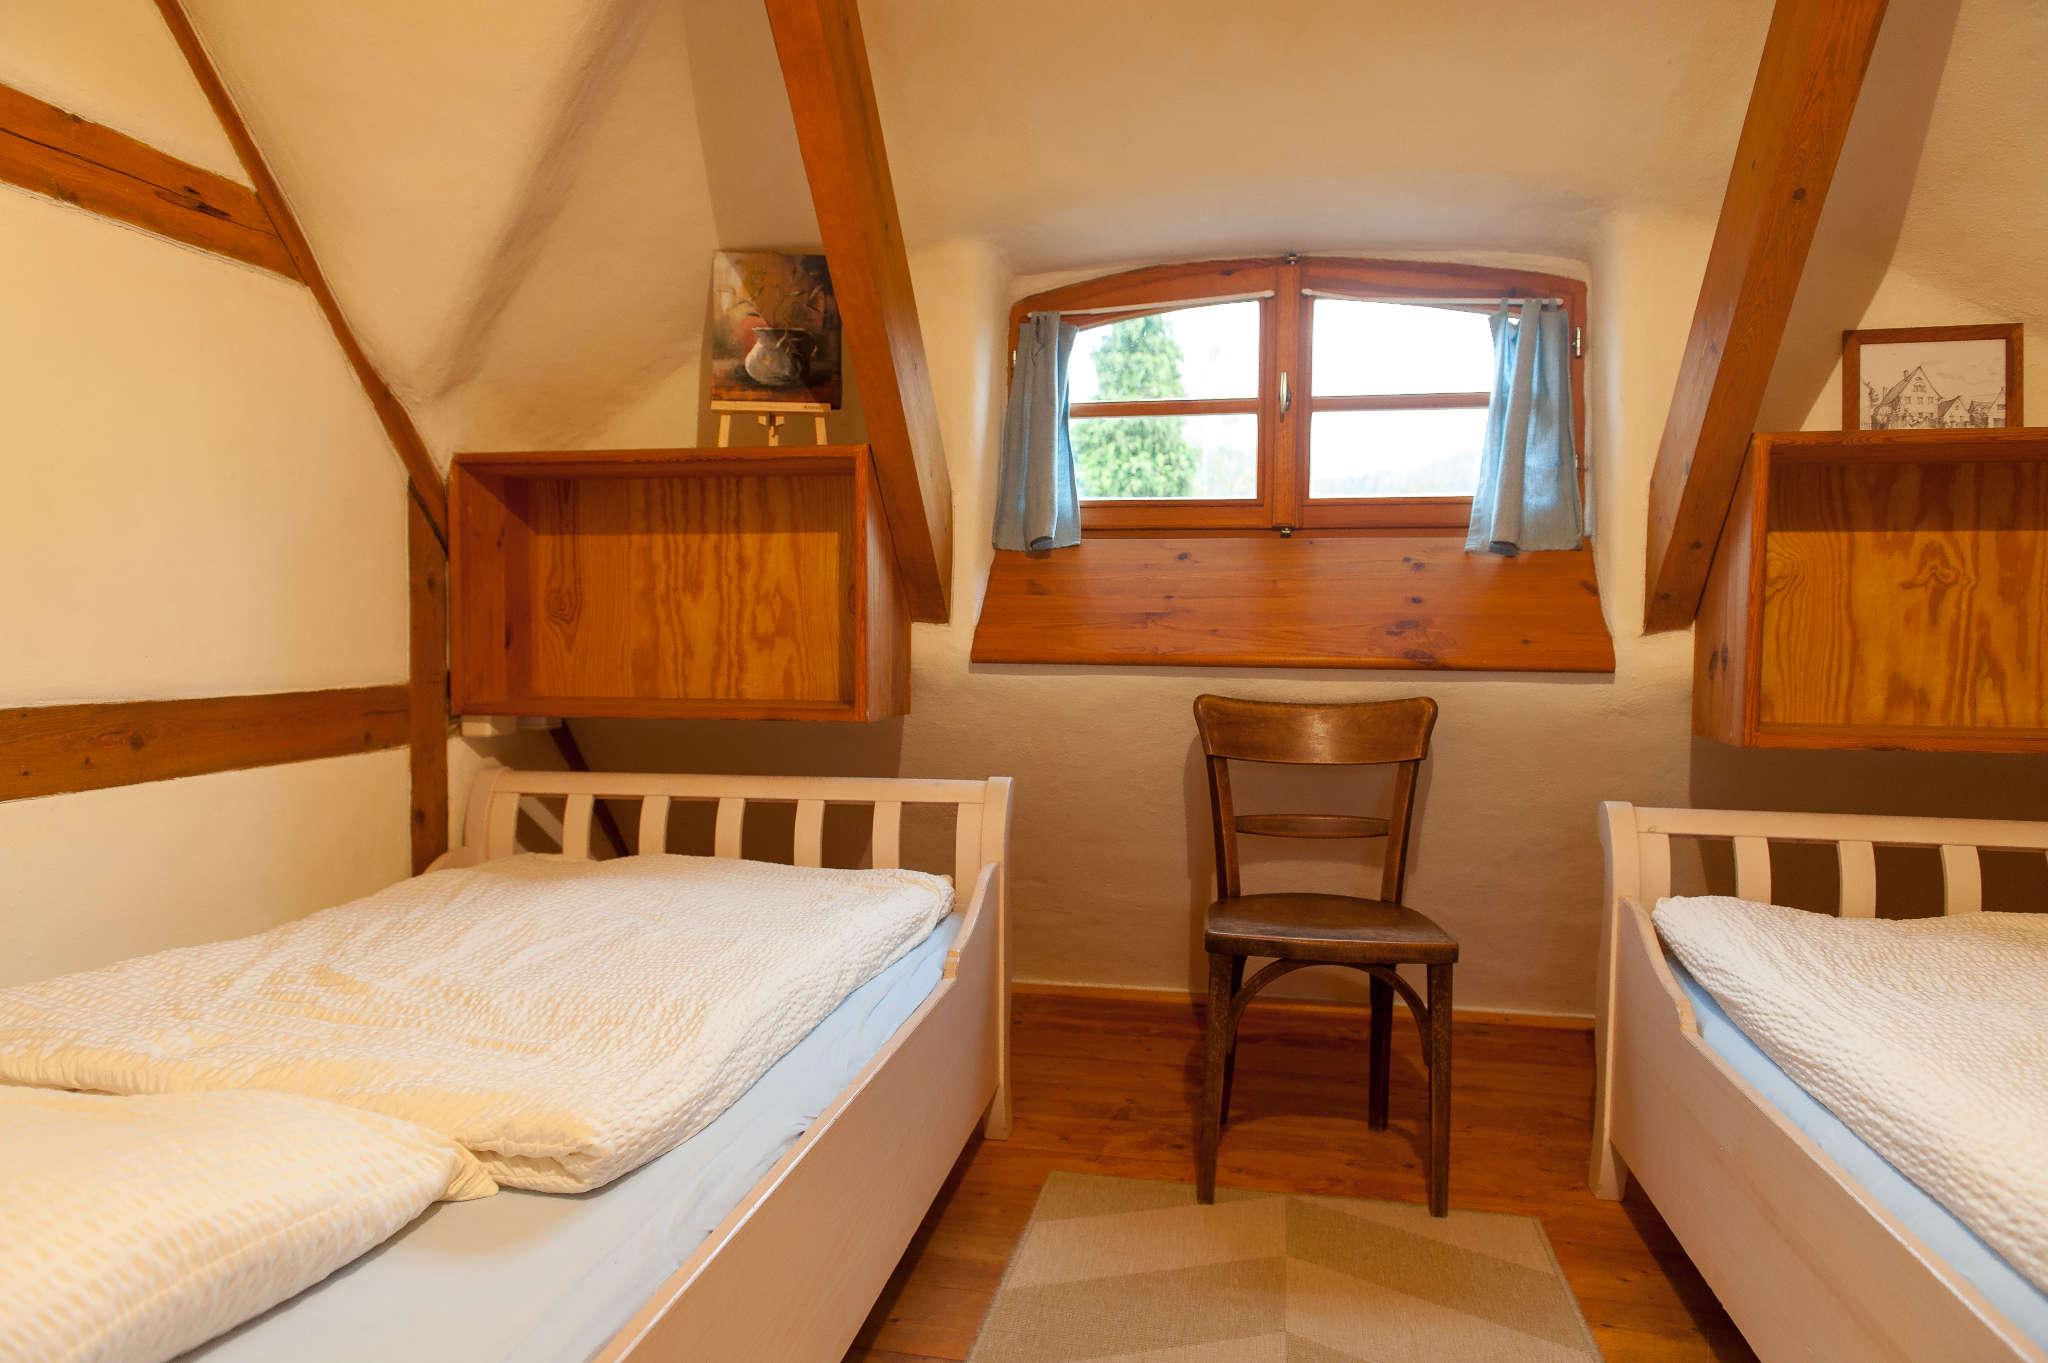 Wohnraum OG mit Küche und Terrassentür